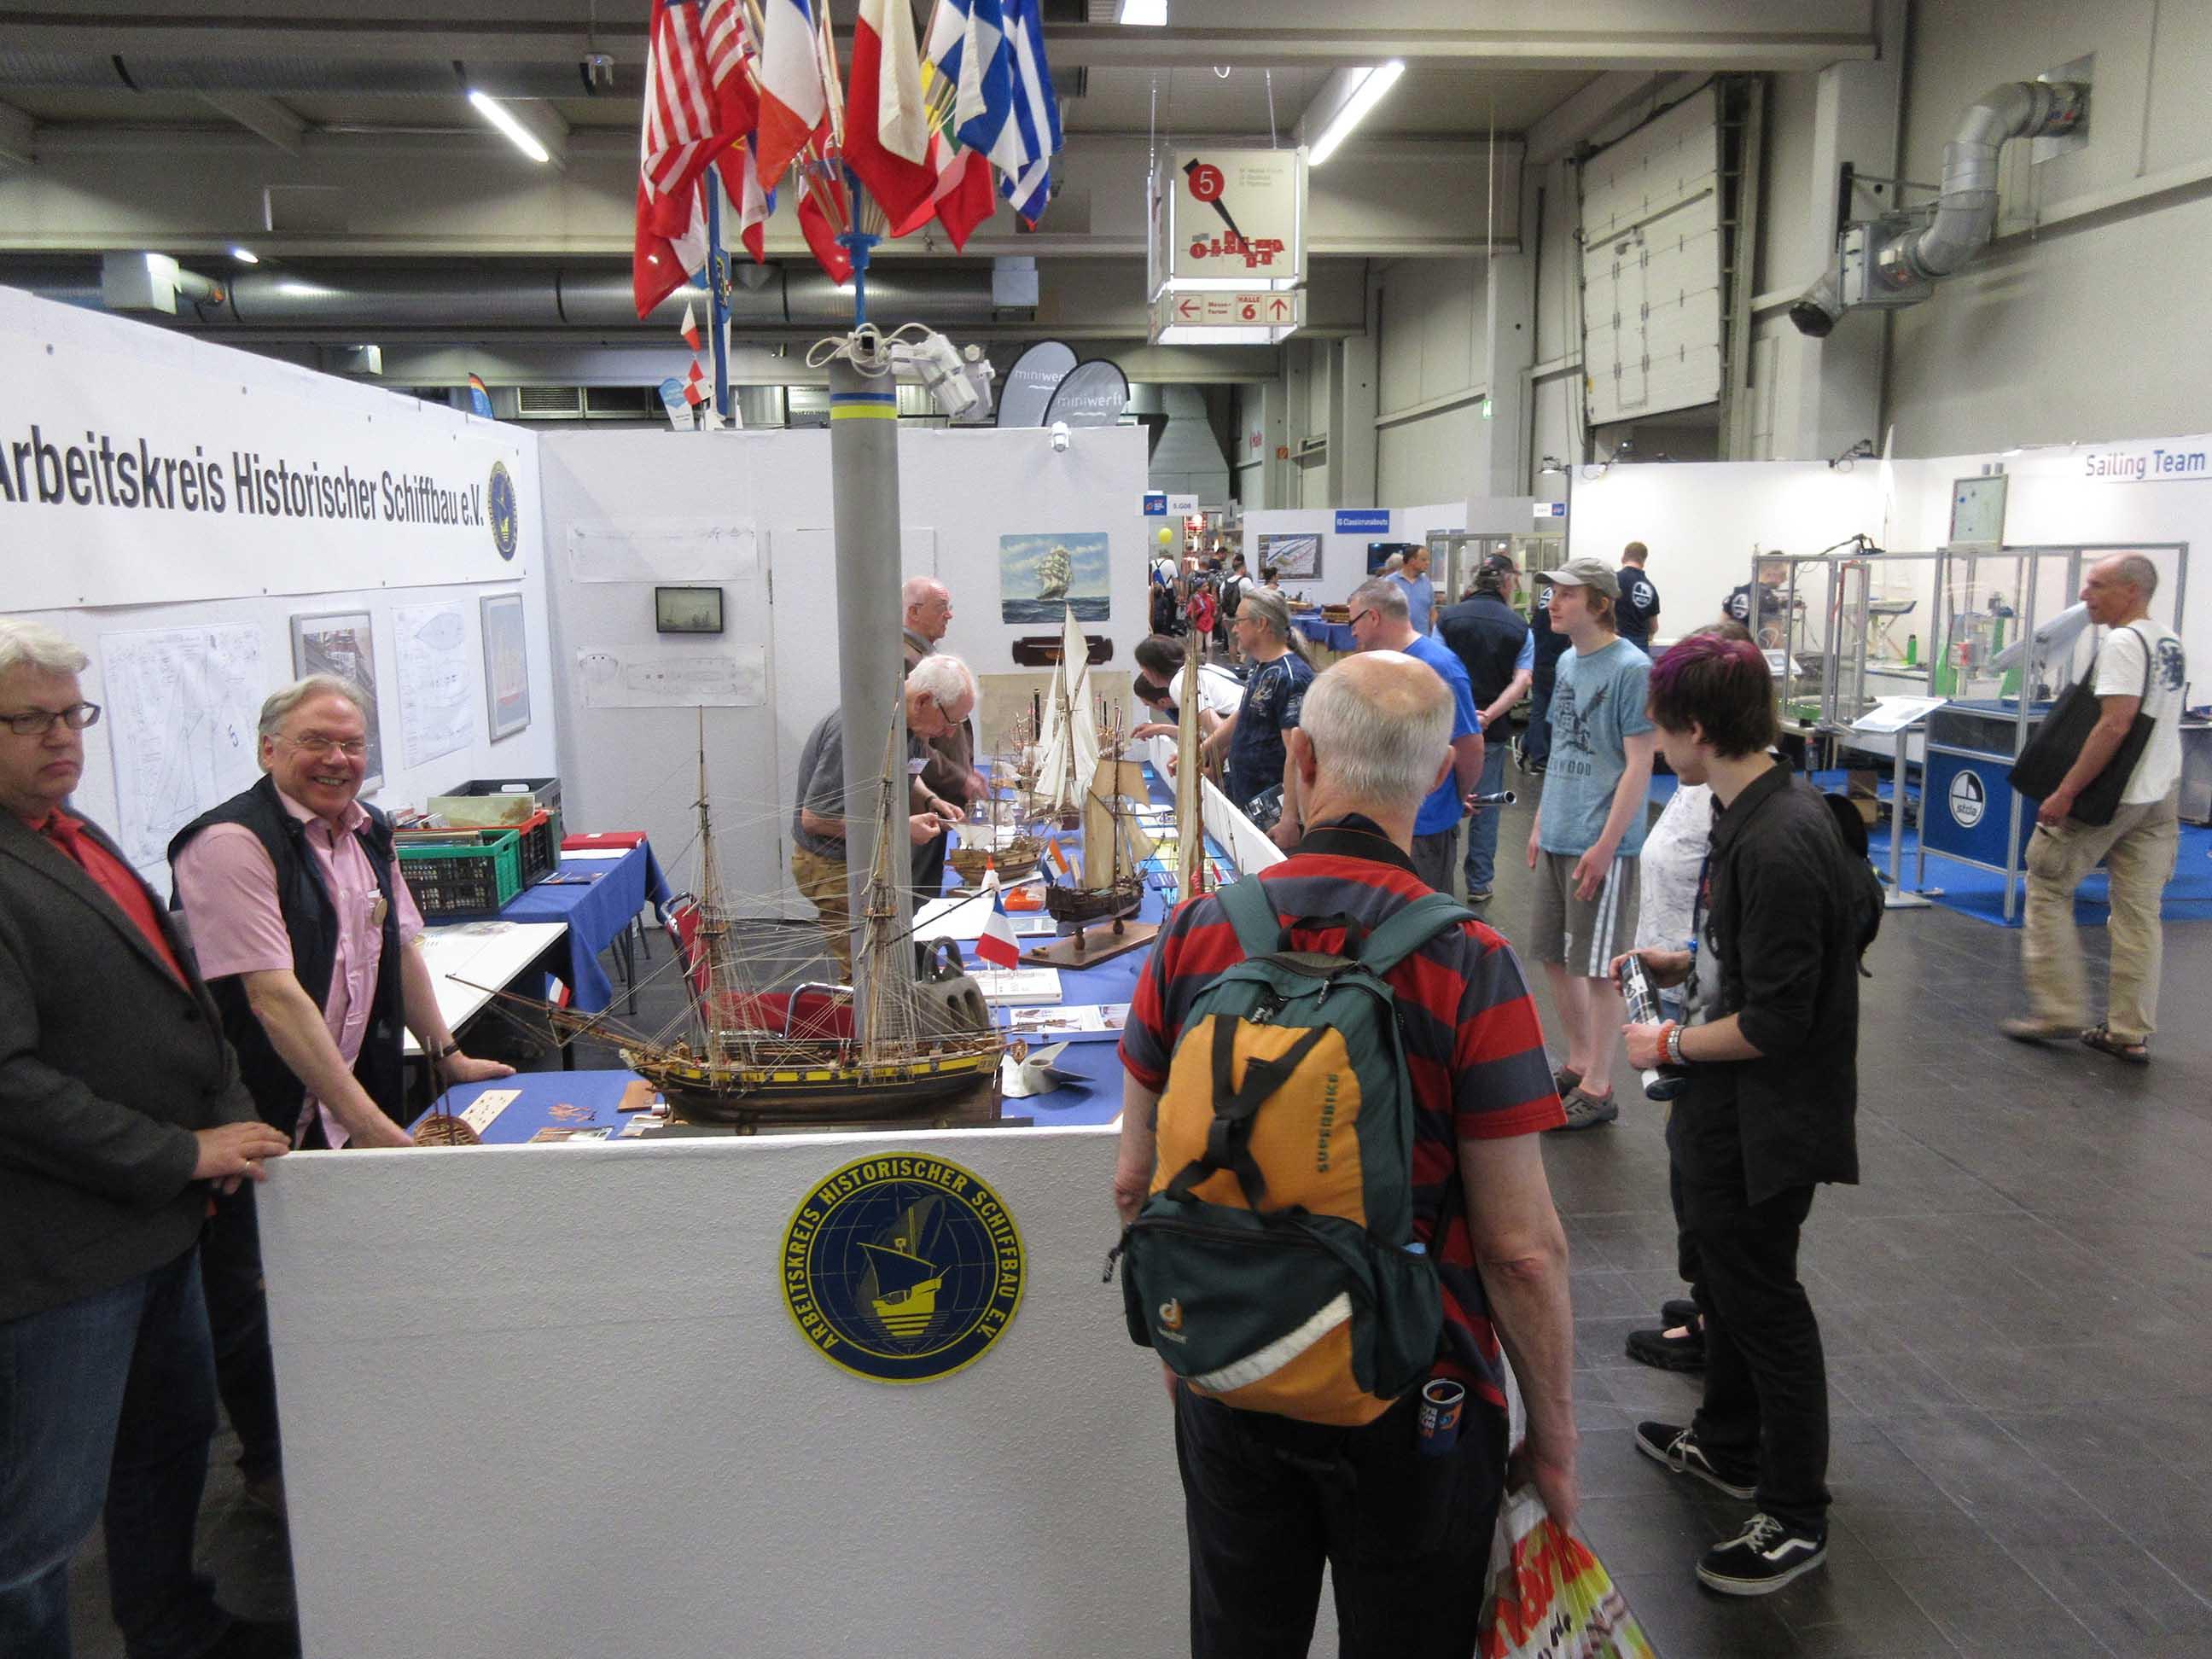 Intermodellbau Fair at Dortmund